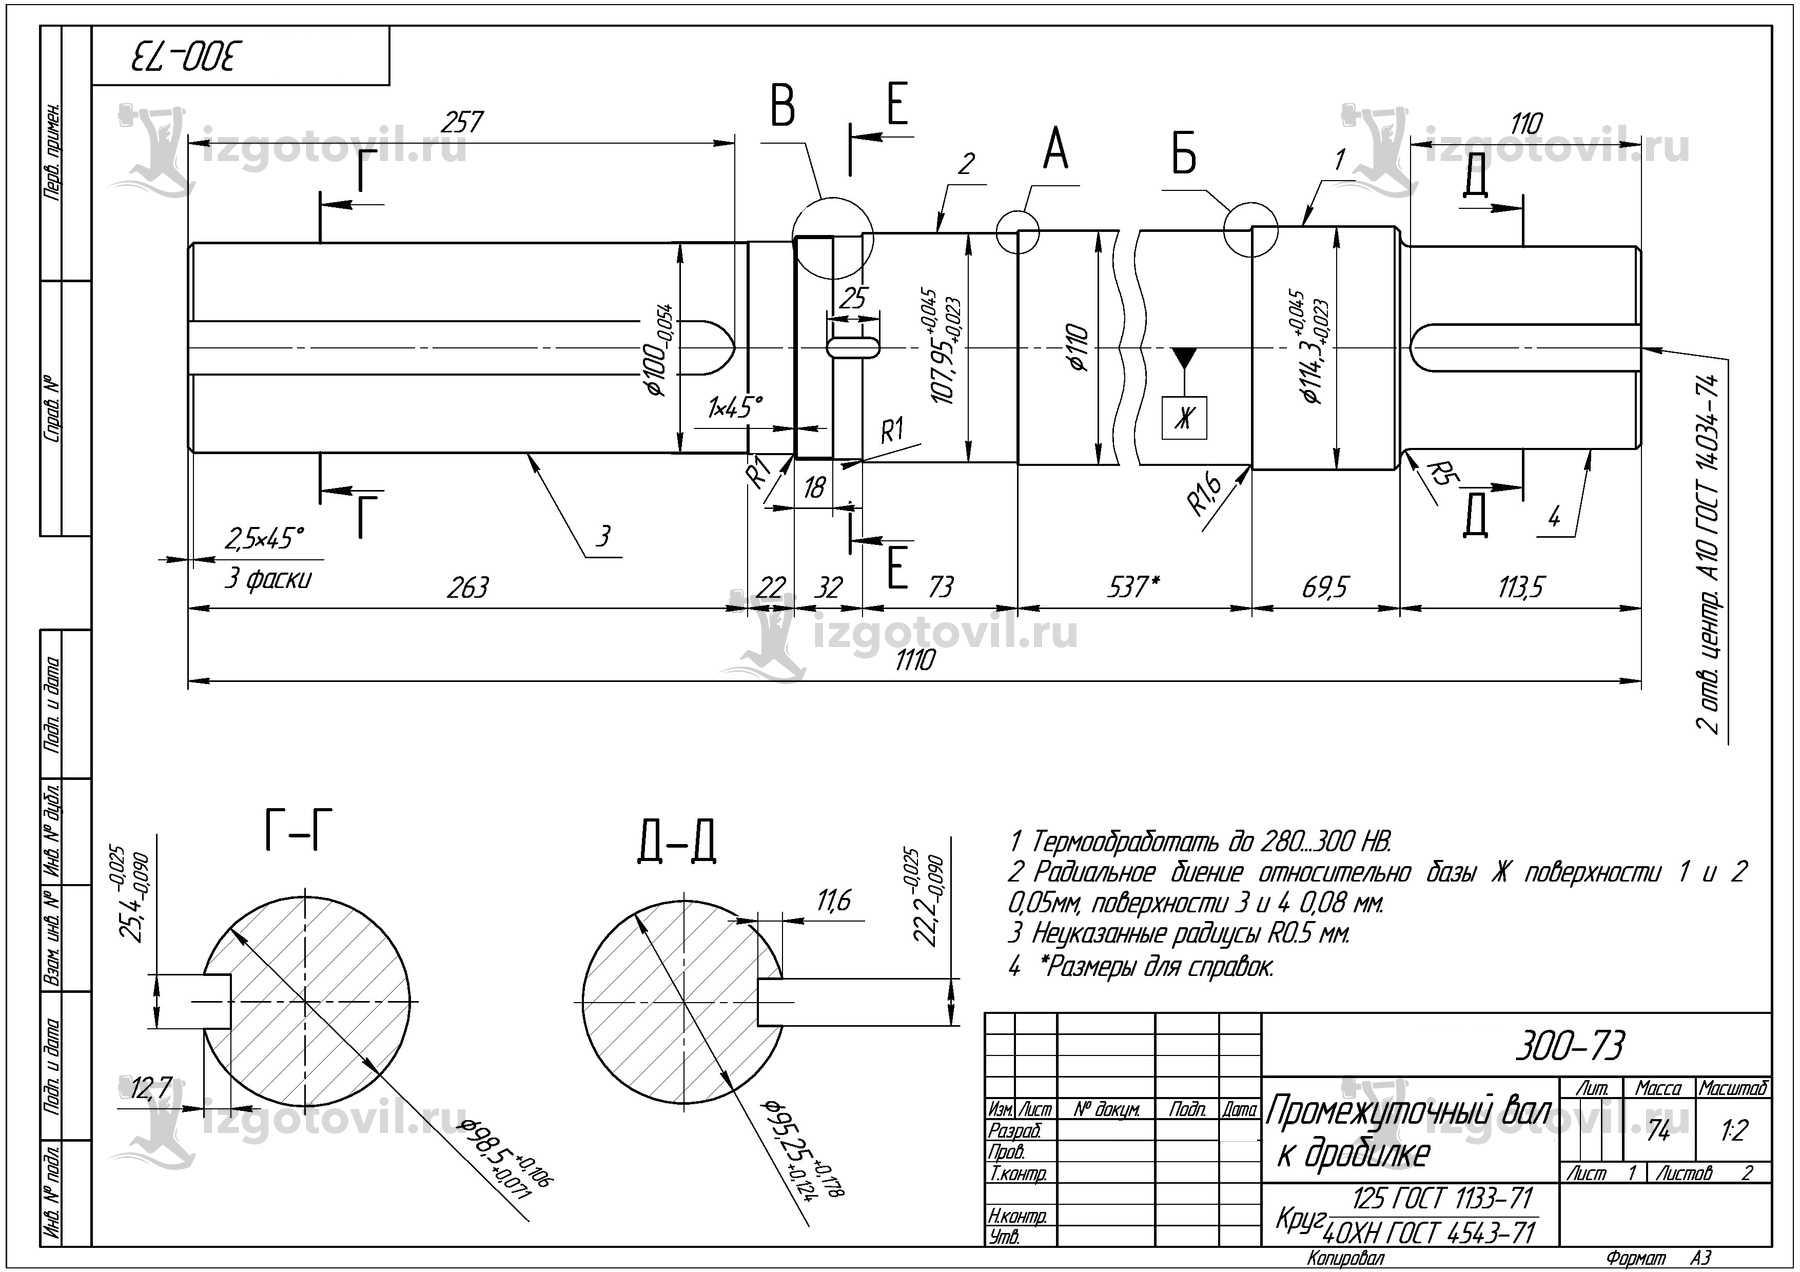 Токарно-фрезерная обработка- изготовление валов